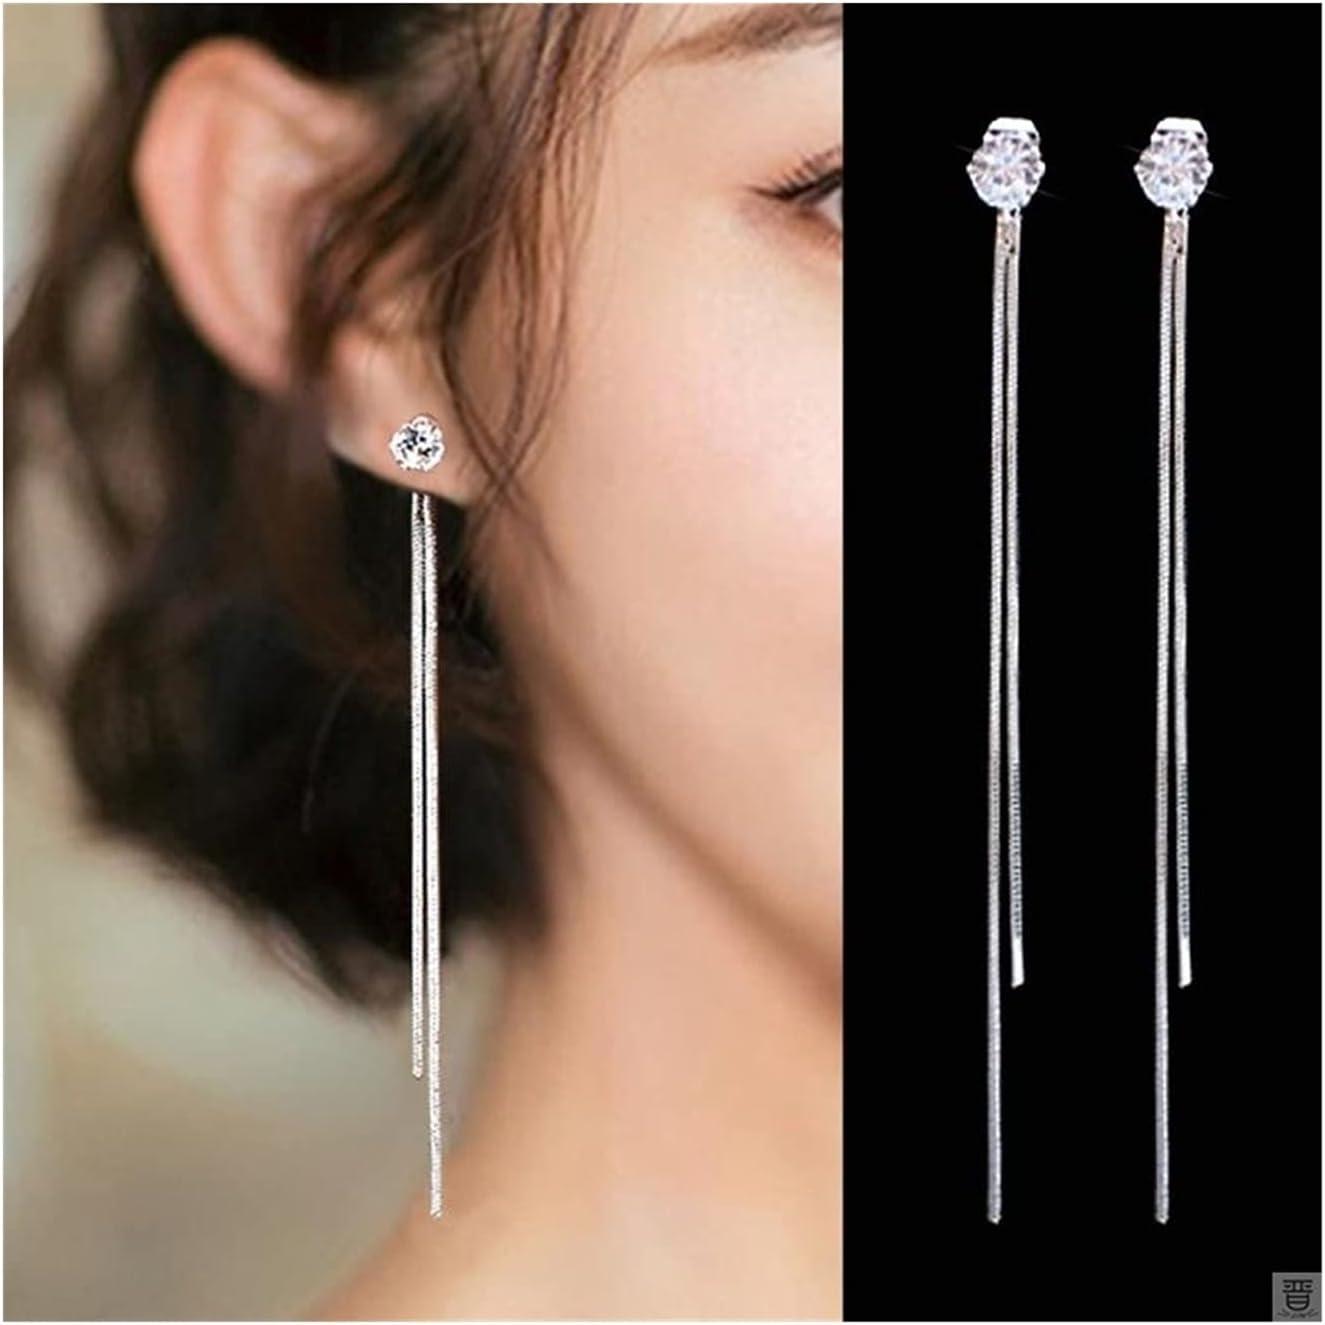 WAZG SYBLD Fashion Earrings Wedding Pendant Earrings Fashion Jewelry Earrings (Metal Color : 83)